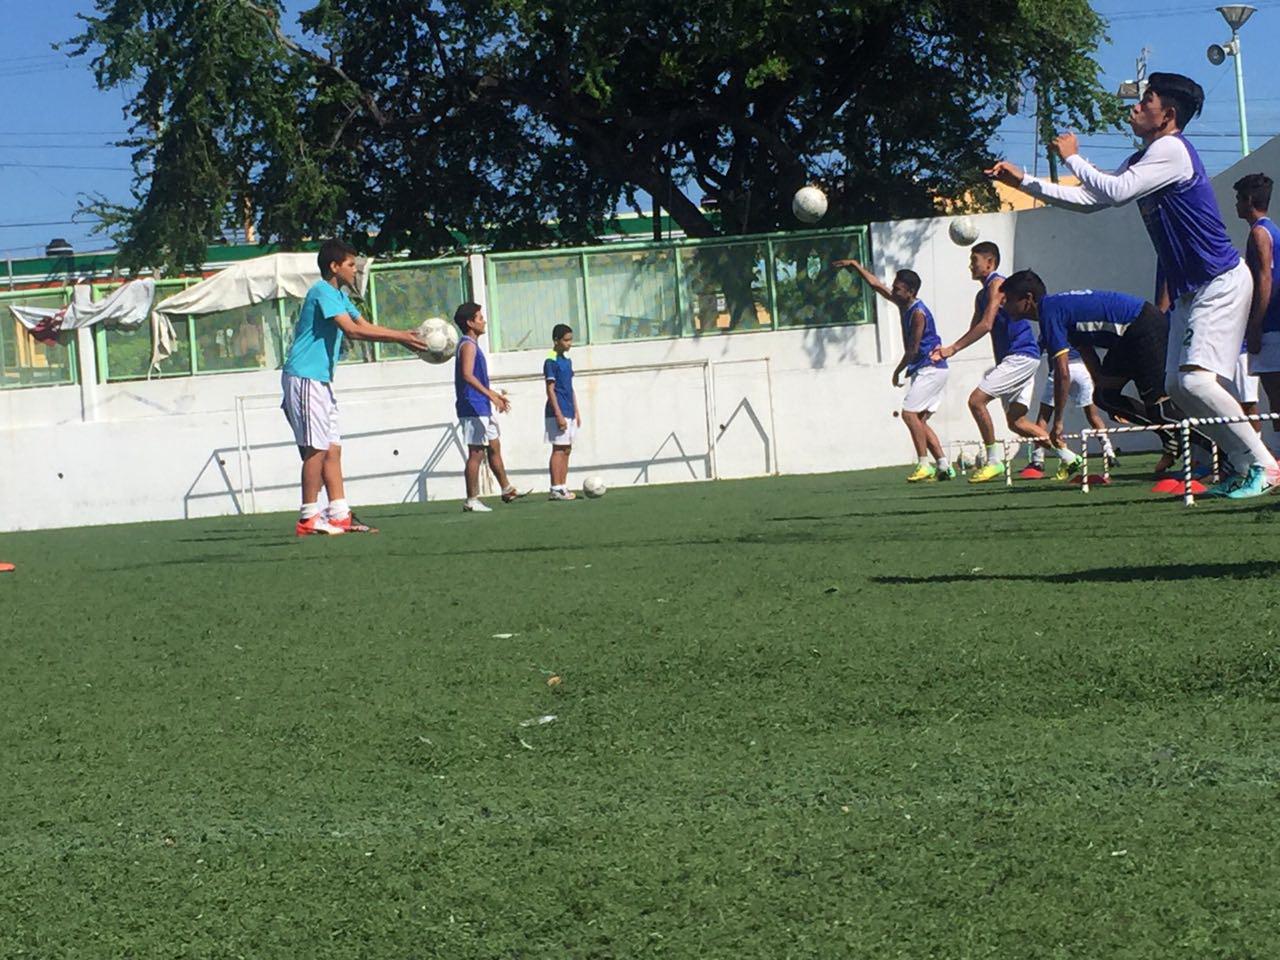 Con futbol, buscan recomponer el tejido social en Acapulco